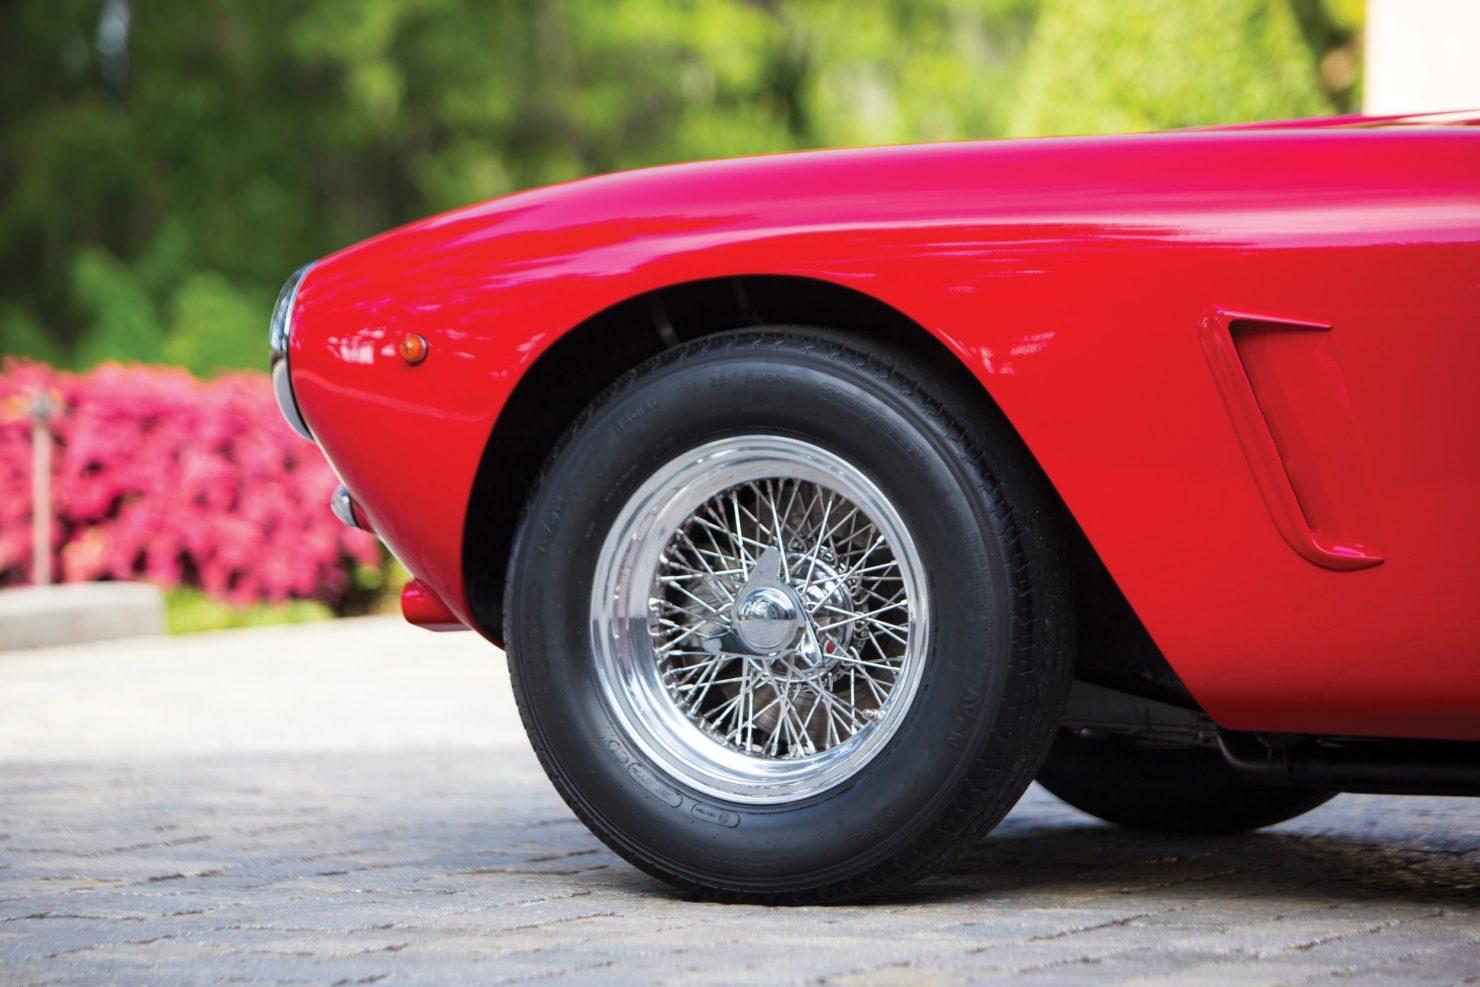 ferrari 250 gt swb car 8 1480x987 - 1960 Ferrari 250 GT SWB Competizione